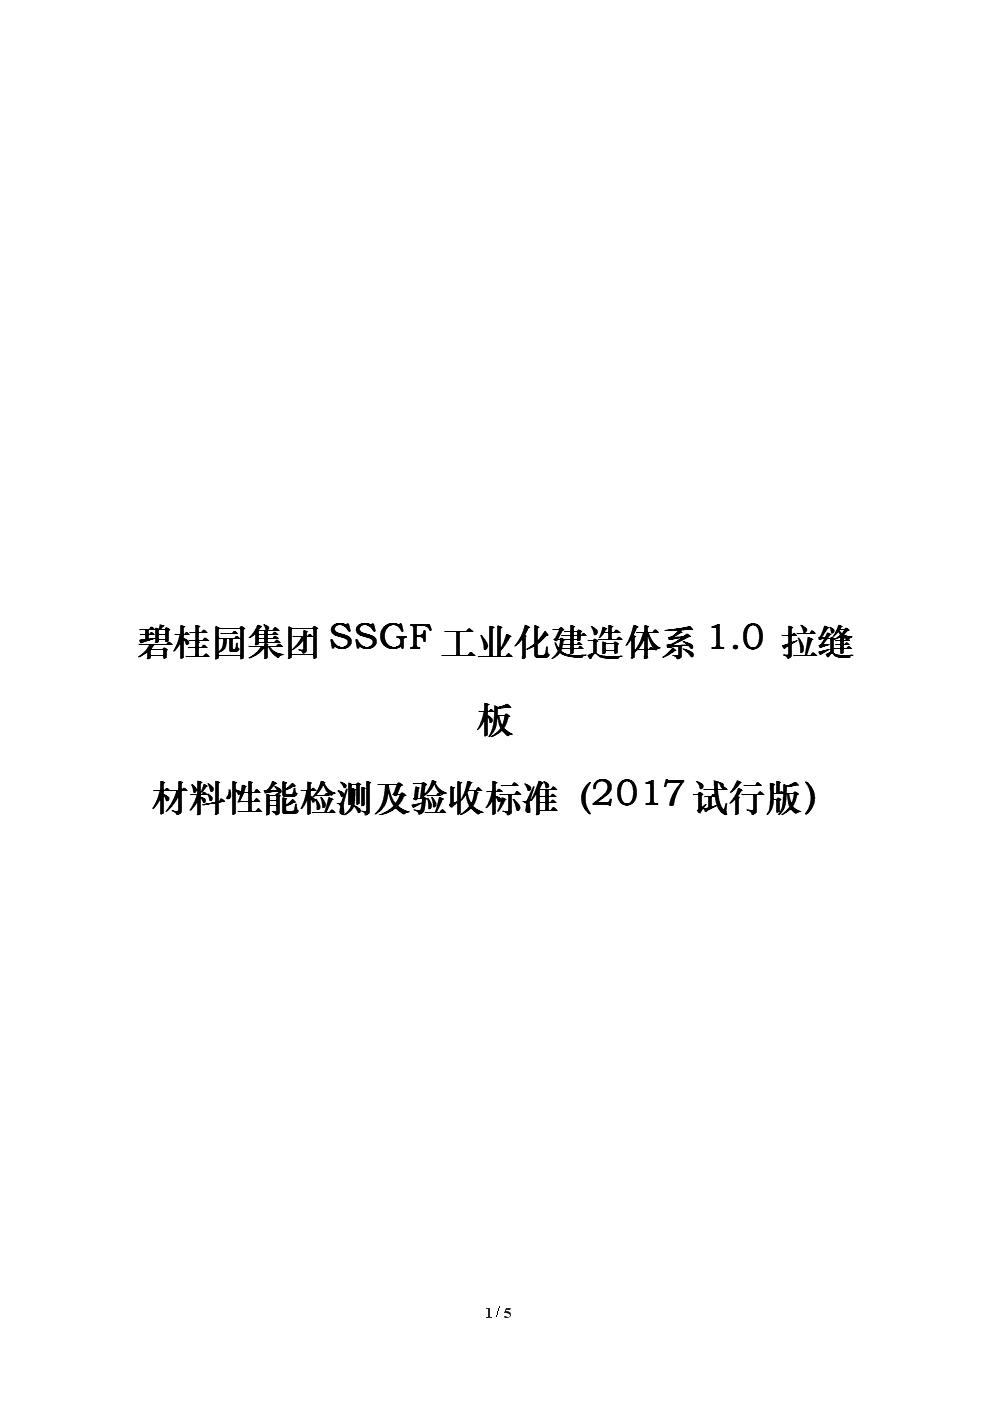 7.碧桂园集团SSGF工业化建造体系1.0 拉缝板材料性能检测及验收标准(2017试行版).doc